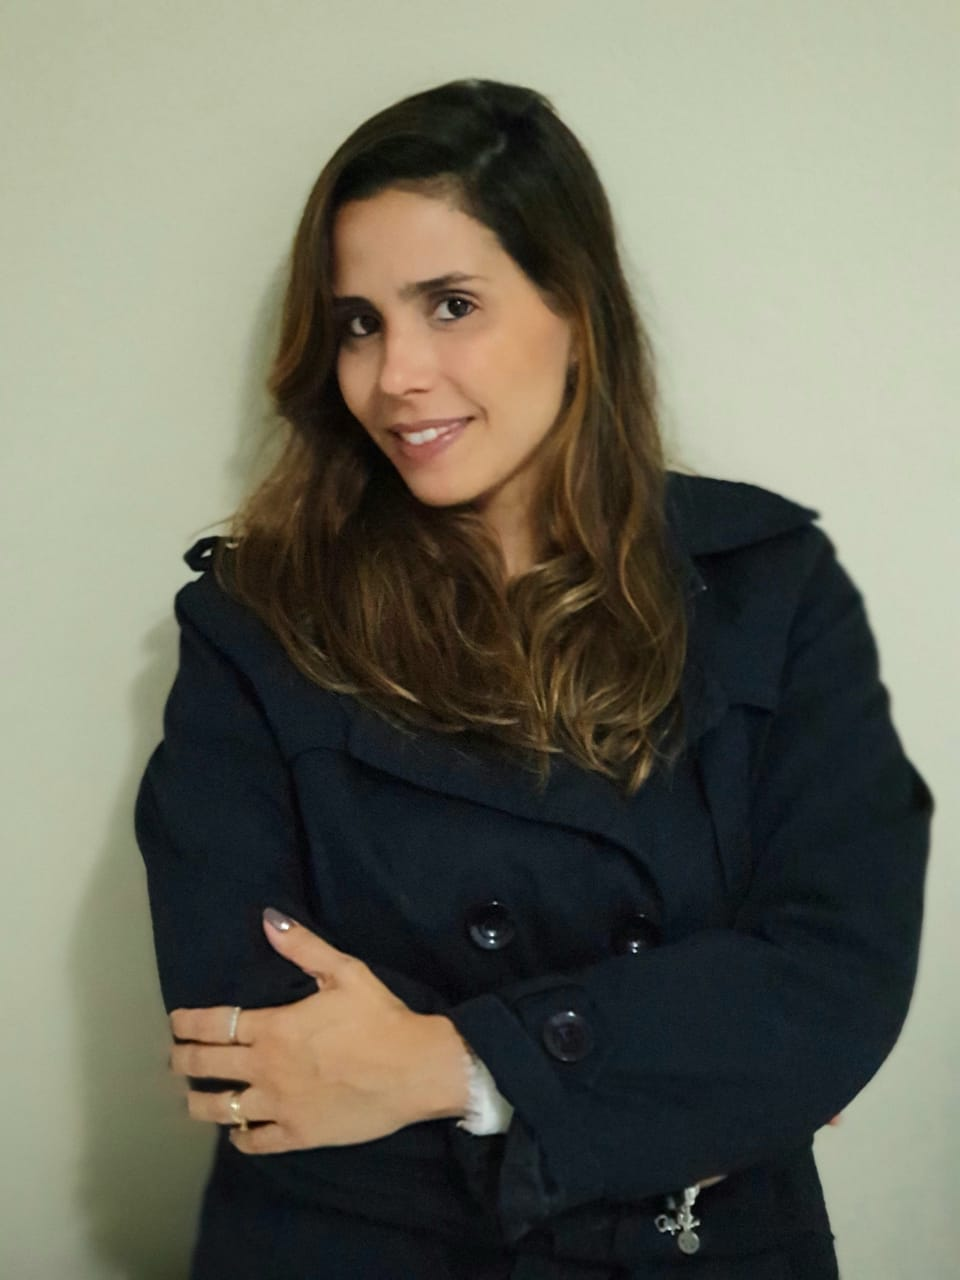 Jeane Lucena - Apaixonada pelo comportamento e desenvolvimento humano acredita na conexão como fonte do nosso processo constante de vir a ser no mundo.Psicóloga, professora, consultora, mãe de dois e curadora TEDx acredita no senso de comunidade e seu poder de transformação, por isso, desde que experimentou o Artes da Liderança, é apoiadora e incentivadora dessa ideia.